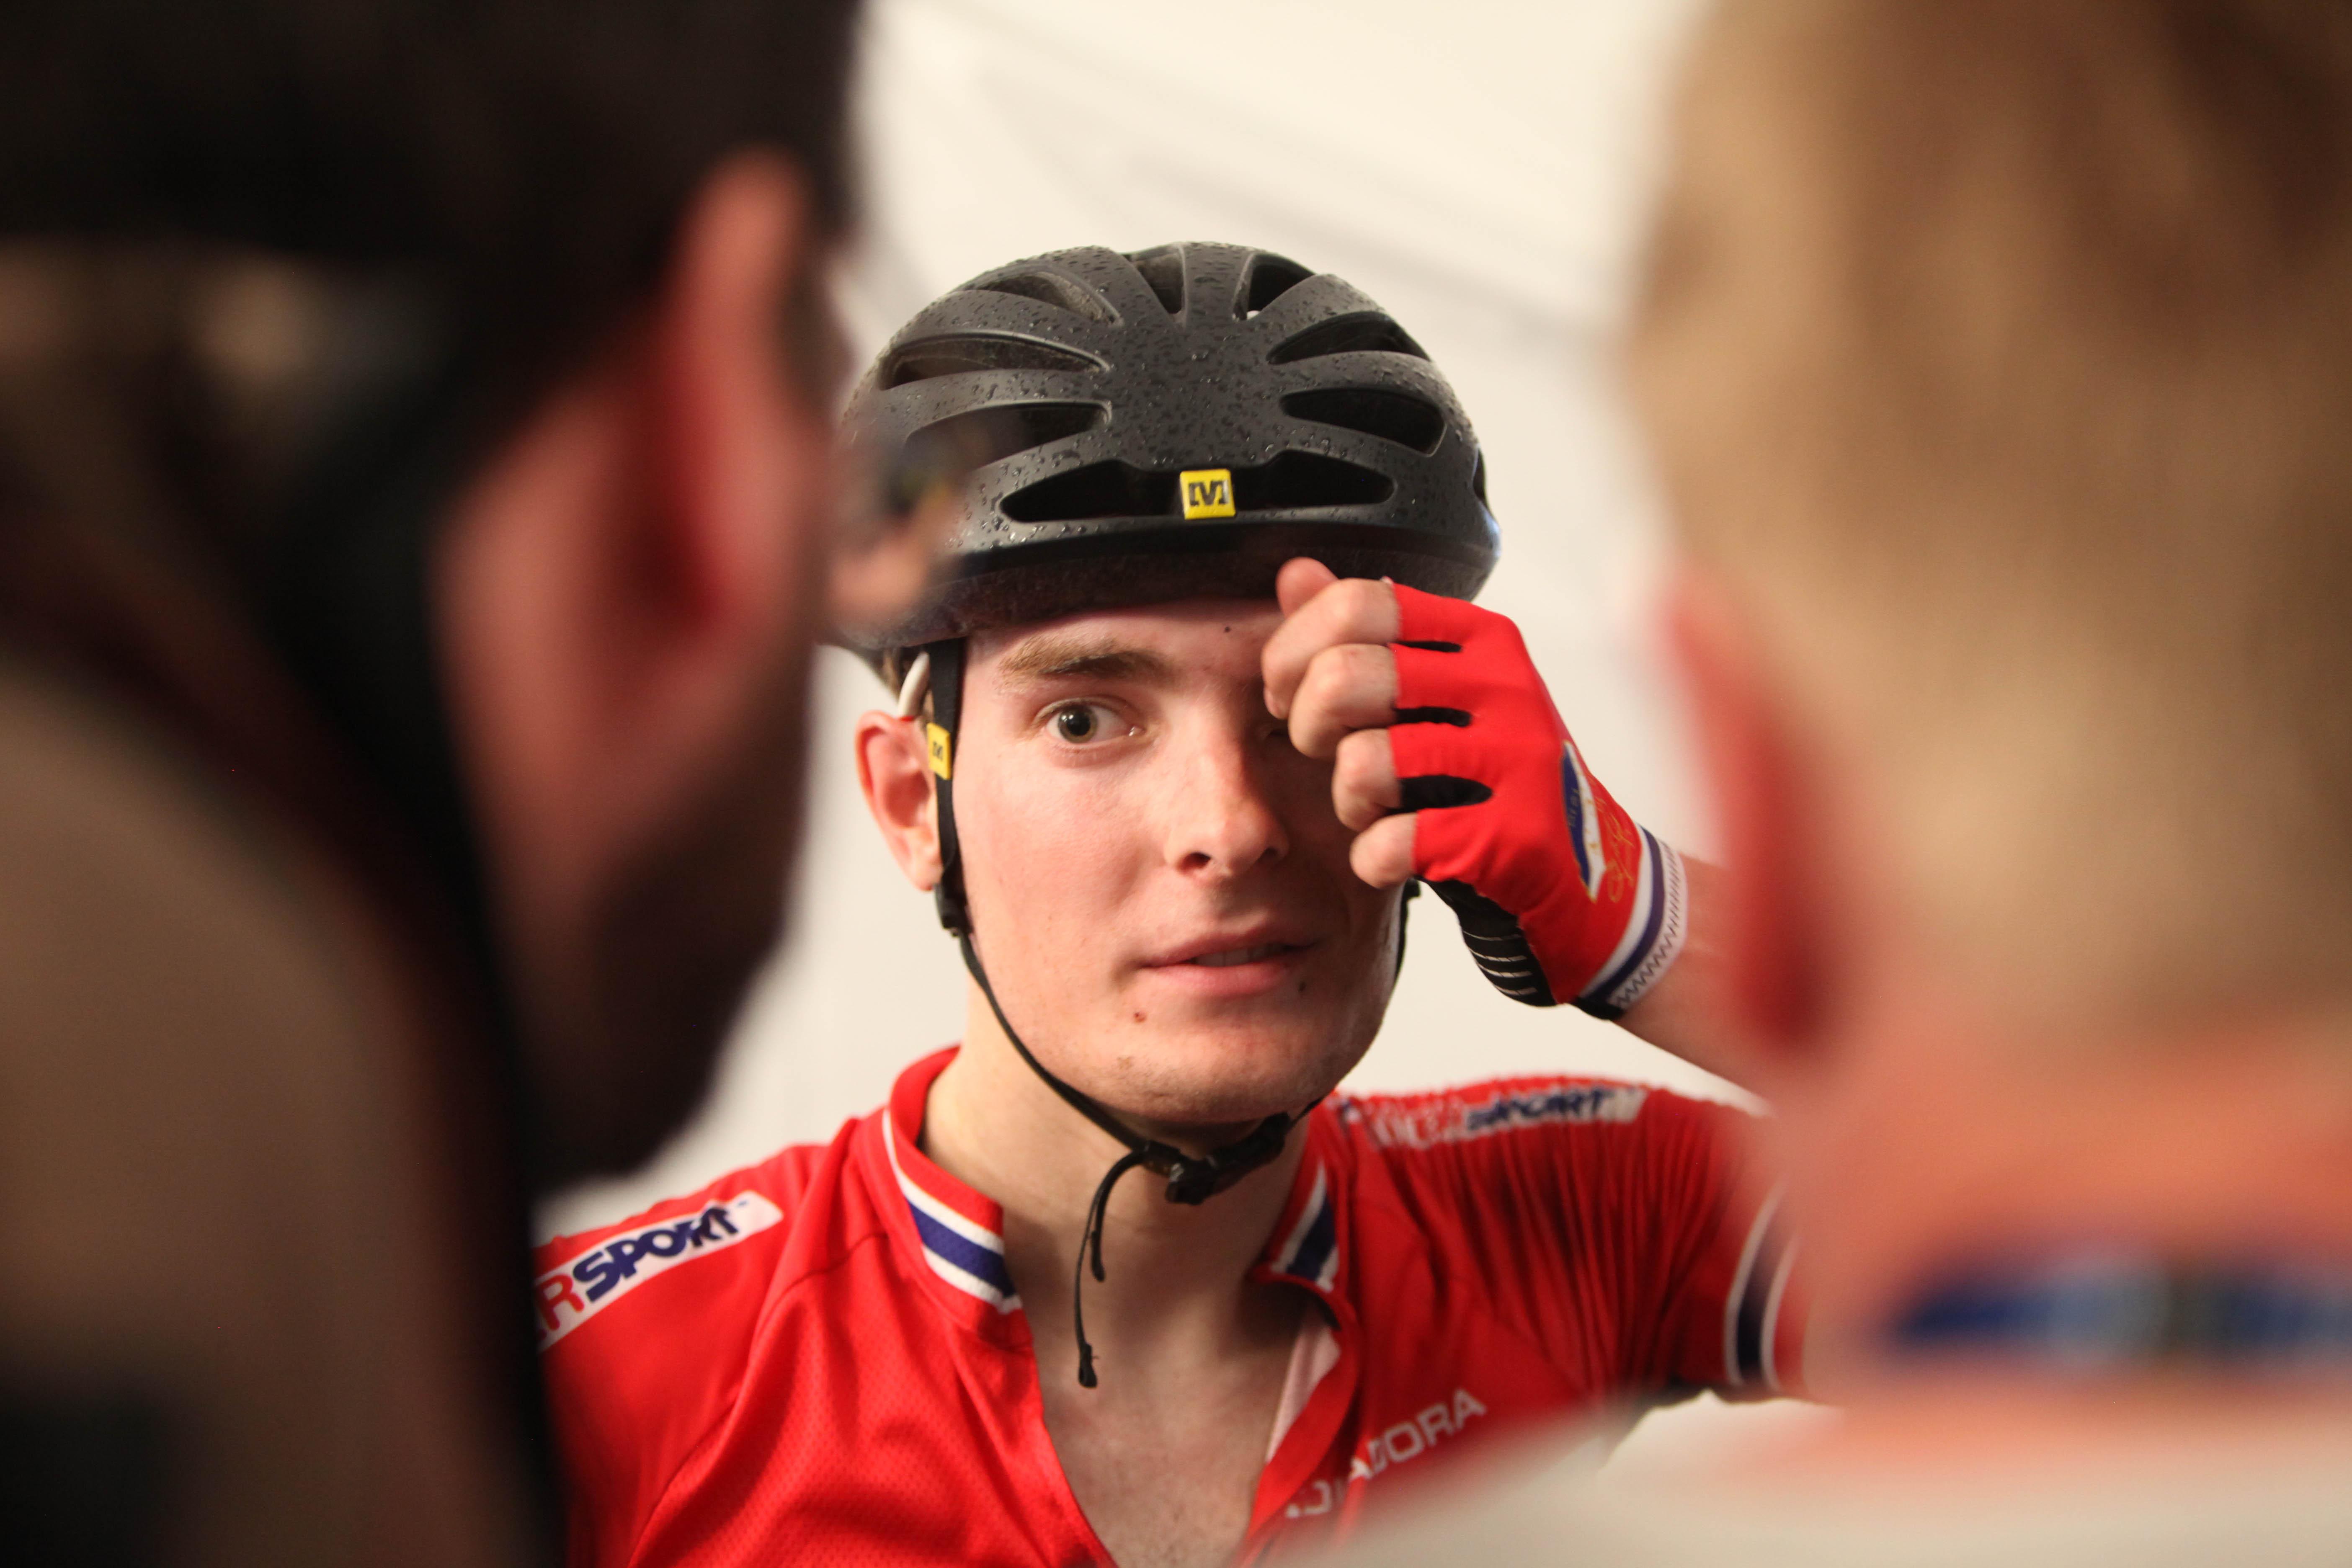 Erfaren syklist: Markus Hoelgaard er godt kjent i sykkelmiljøet hvor han har syklet for henholdsvis Quick-Steps utviklingslag, Team Coop, og nå senest Joker Icopal. 22-åringen har også flere opptredener på landslaget. Foto: Sykkelmagasinet